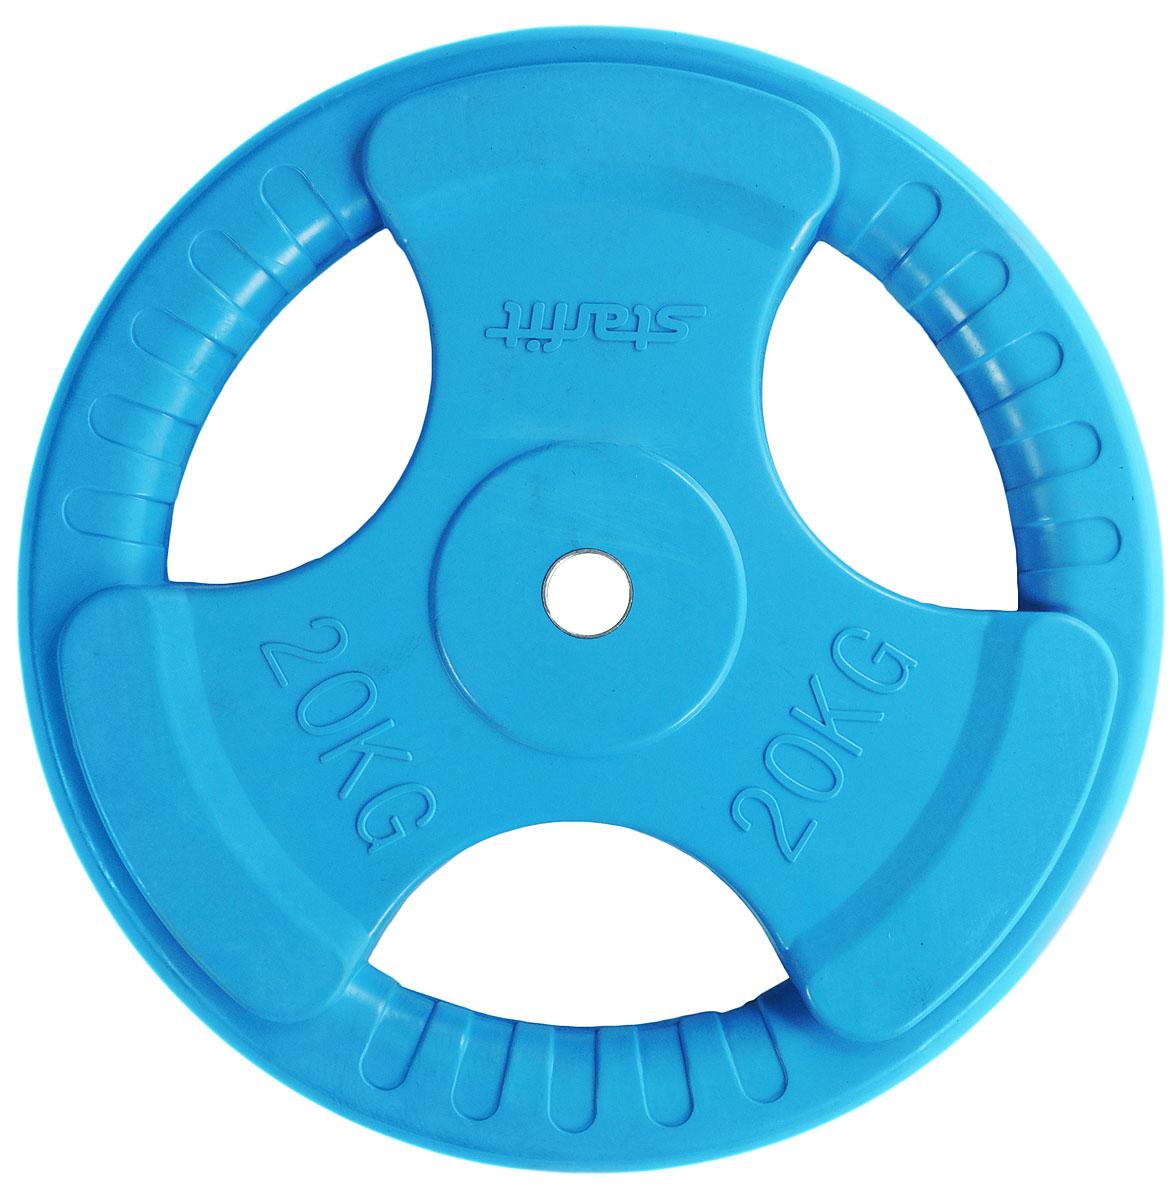 Диск обрезиненный Starfit BB-201, цвет: синий, посадочный диаметр 26 мм, 20 кг диск обрезиненный titan 51 мм 5 кг черный